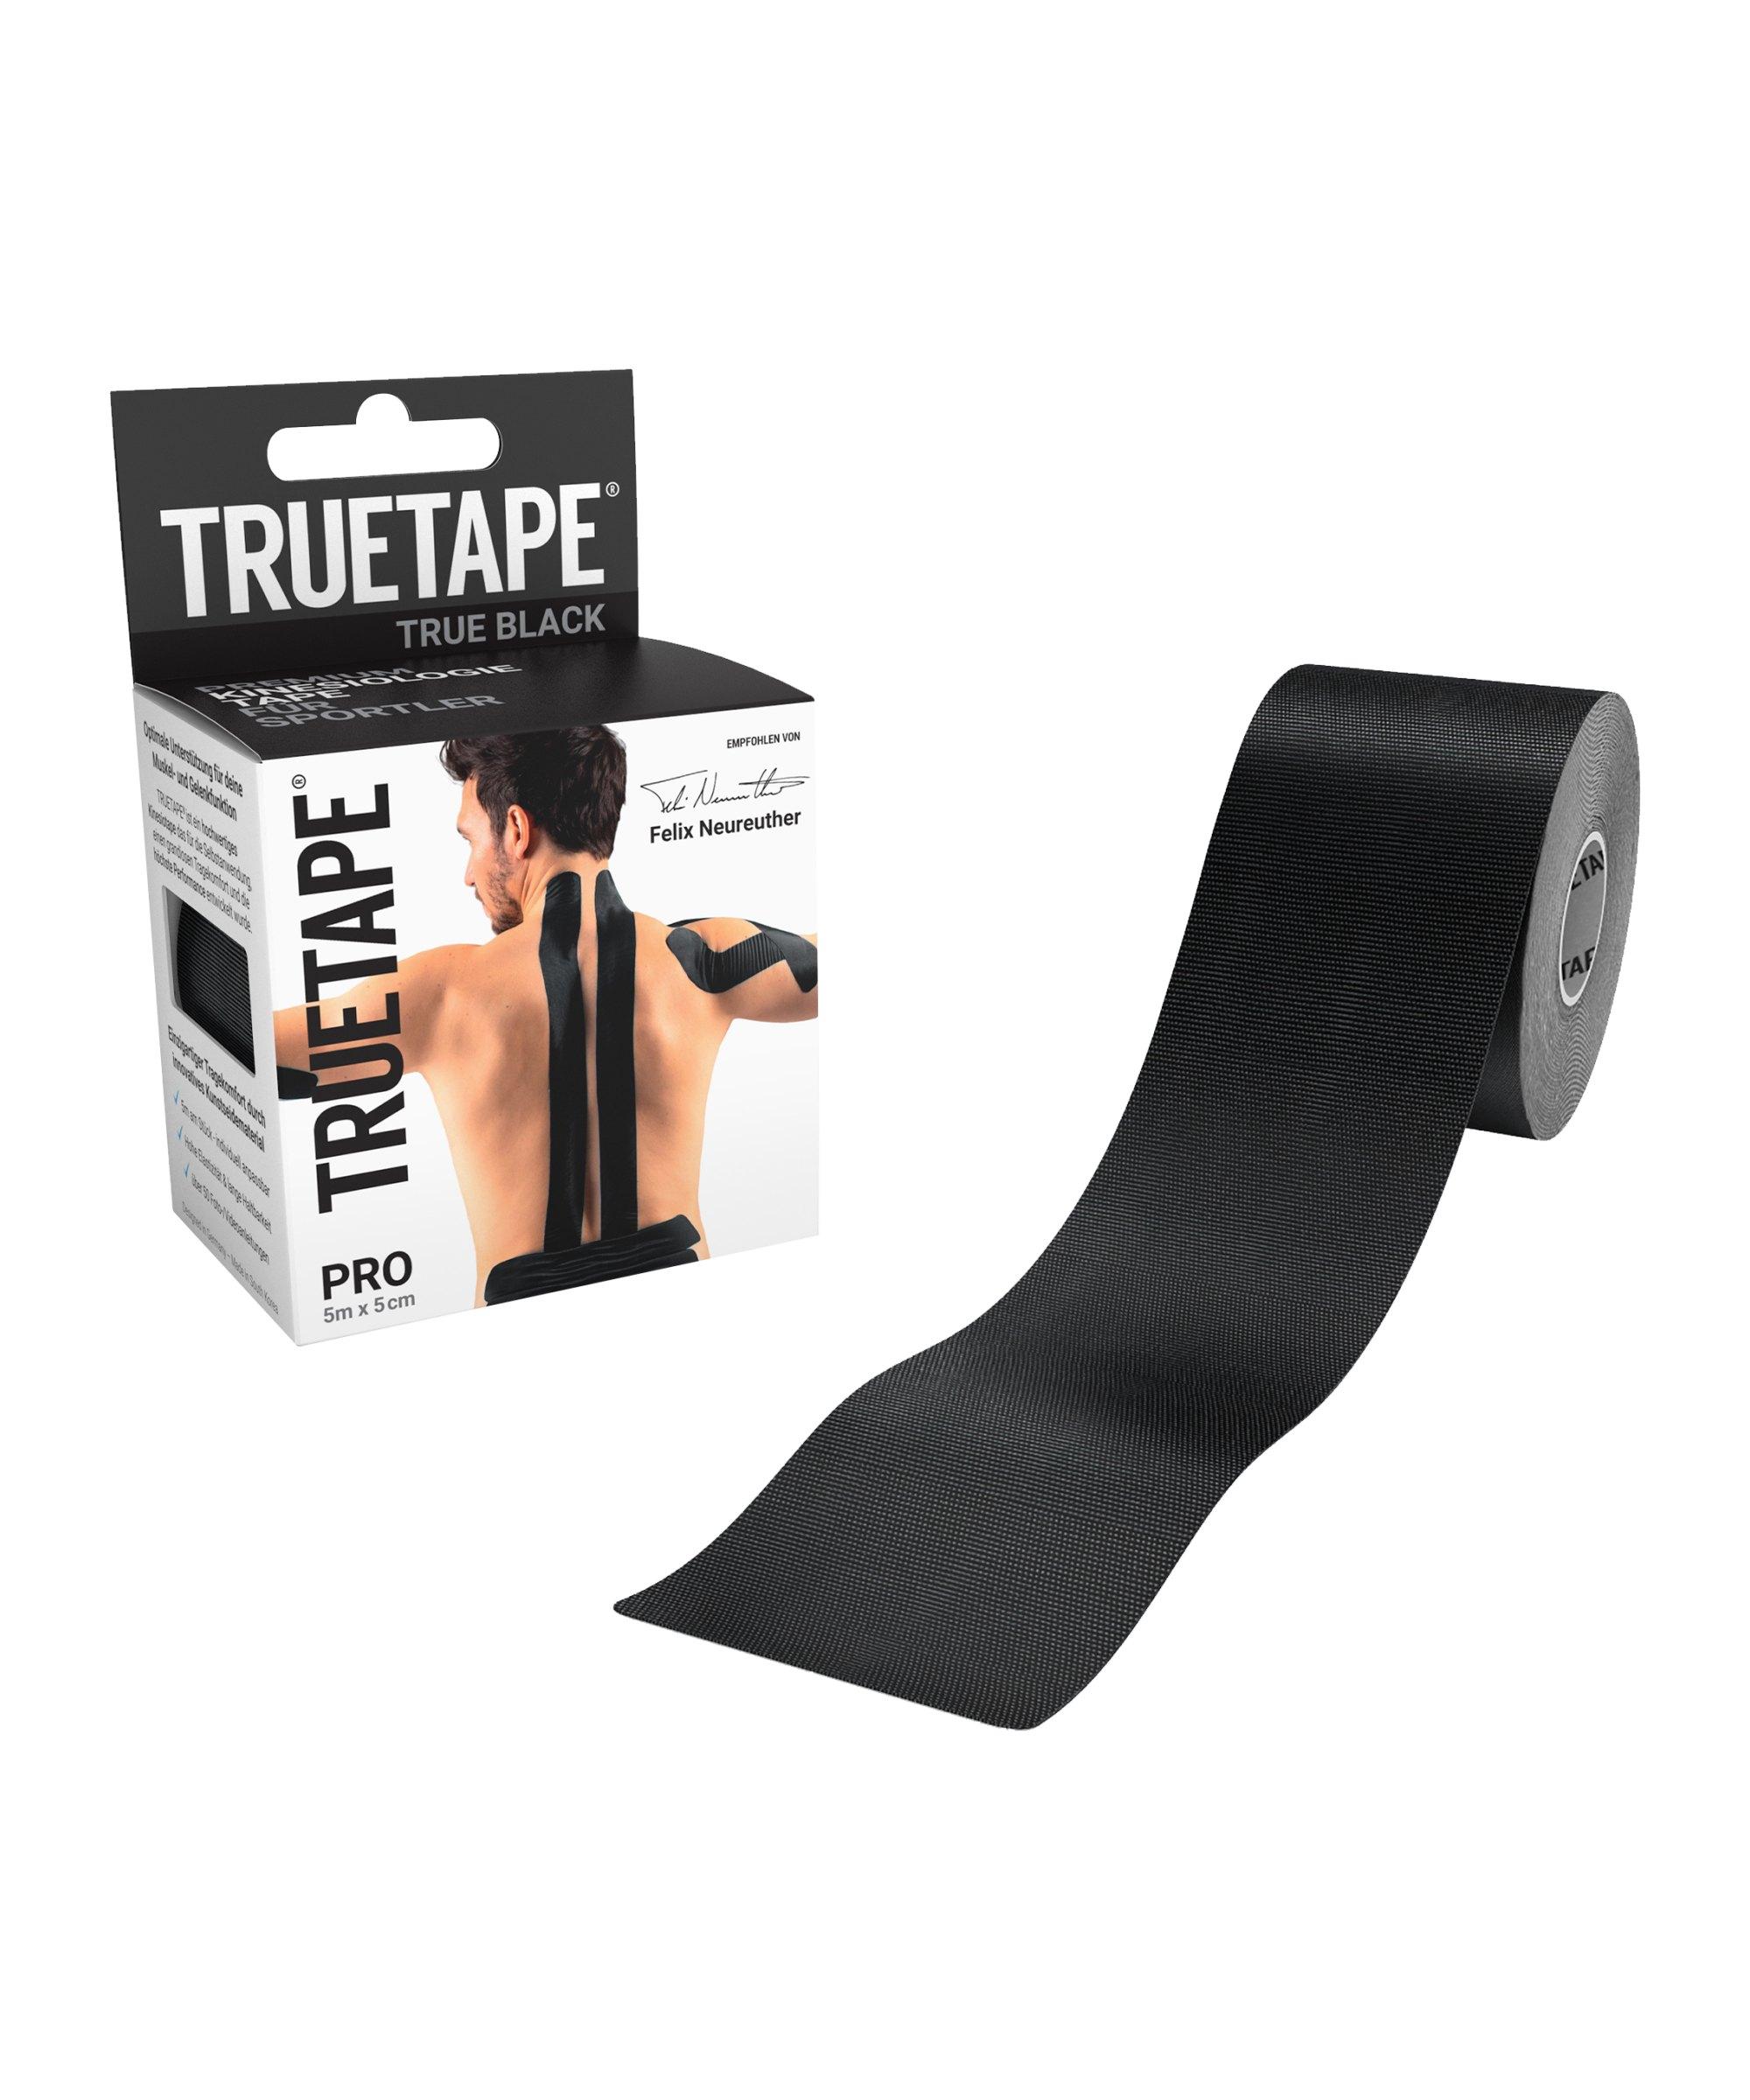 Truetape Athlete Edition Pro Uncut Schwarz - schwarz